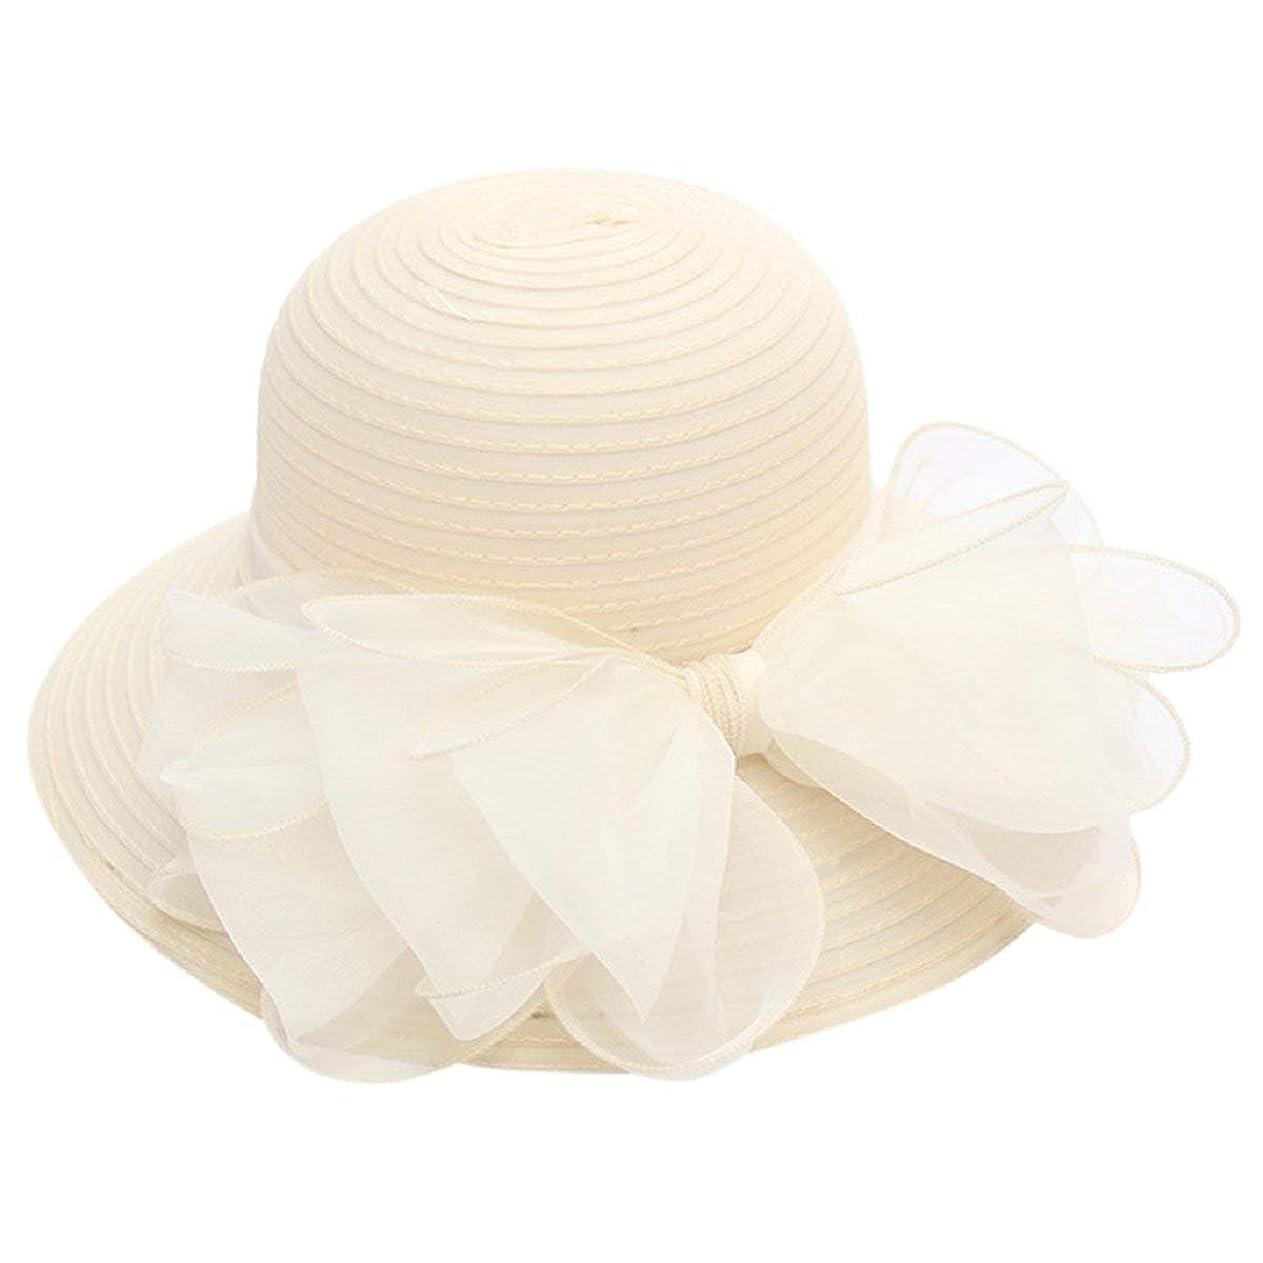 織機トランクライブラリプレビスサイトBarlingrock 女性の太陽の帽子ケンタッキーダービーキャップウェディング旅行のための夏の帽子